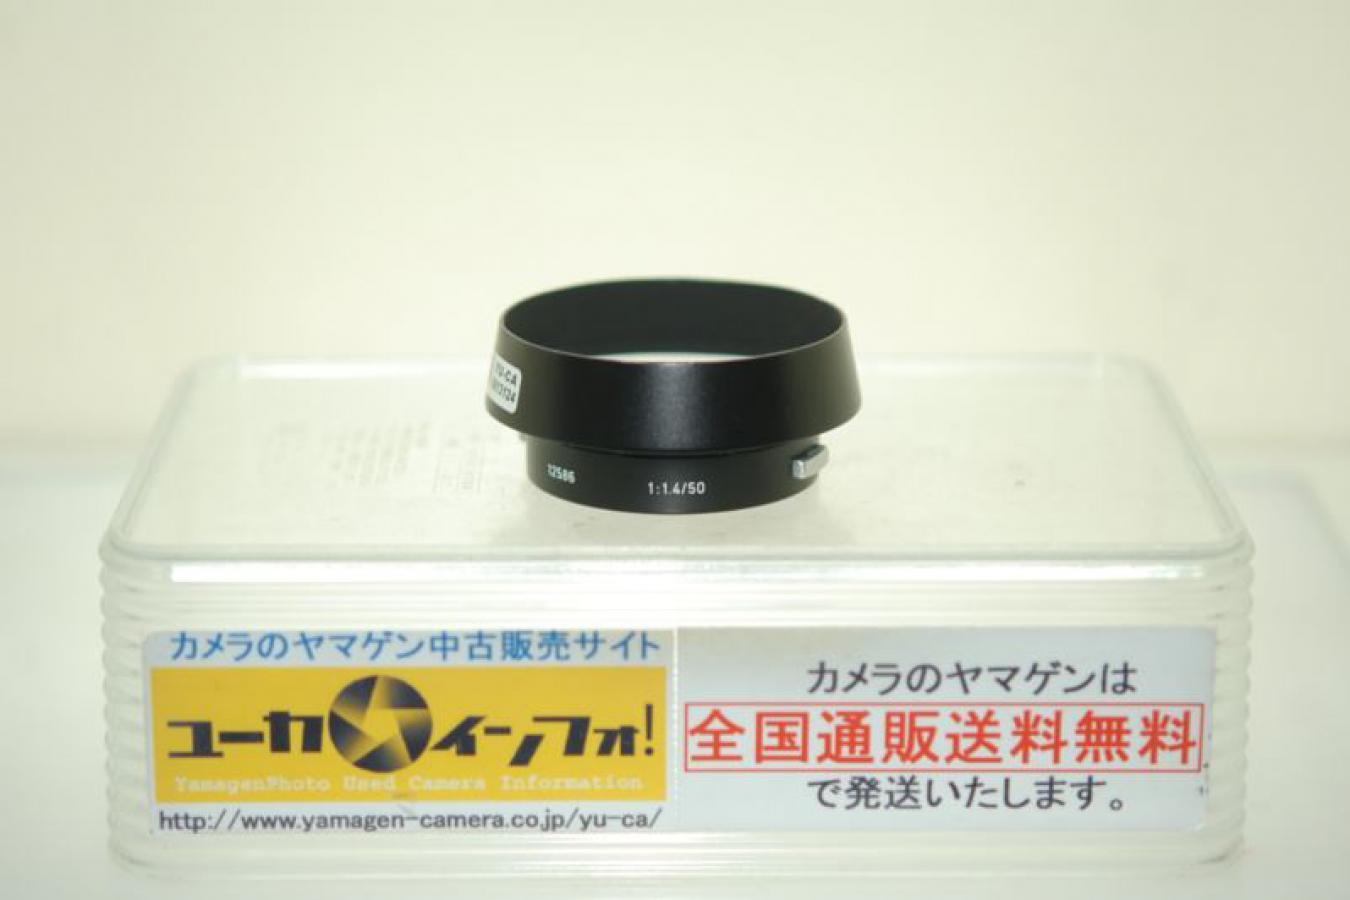 ライカ 12586 【ズミルックスM50/1.4用】